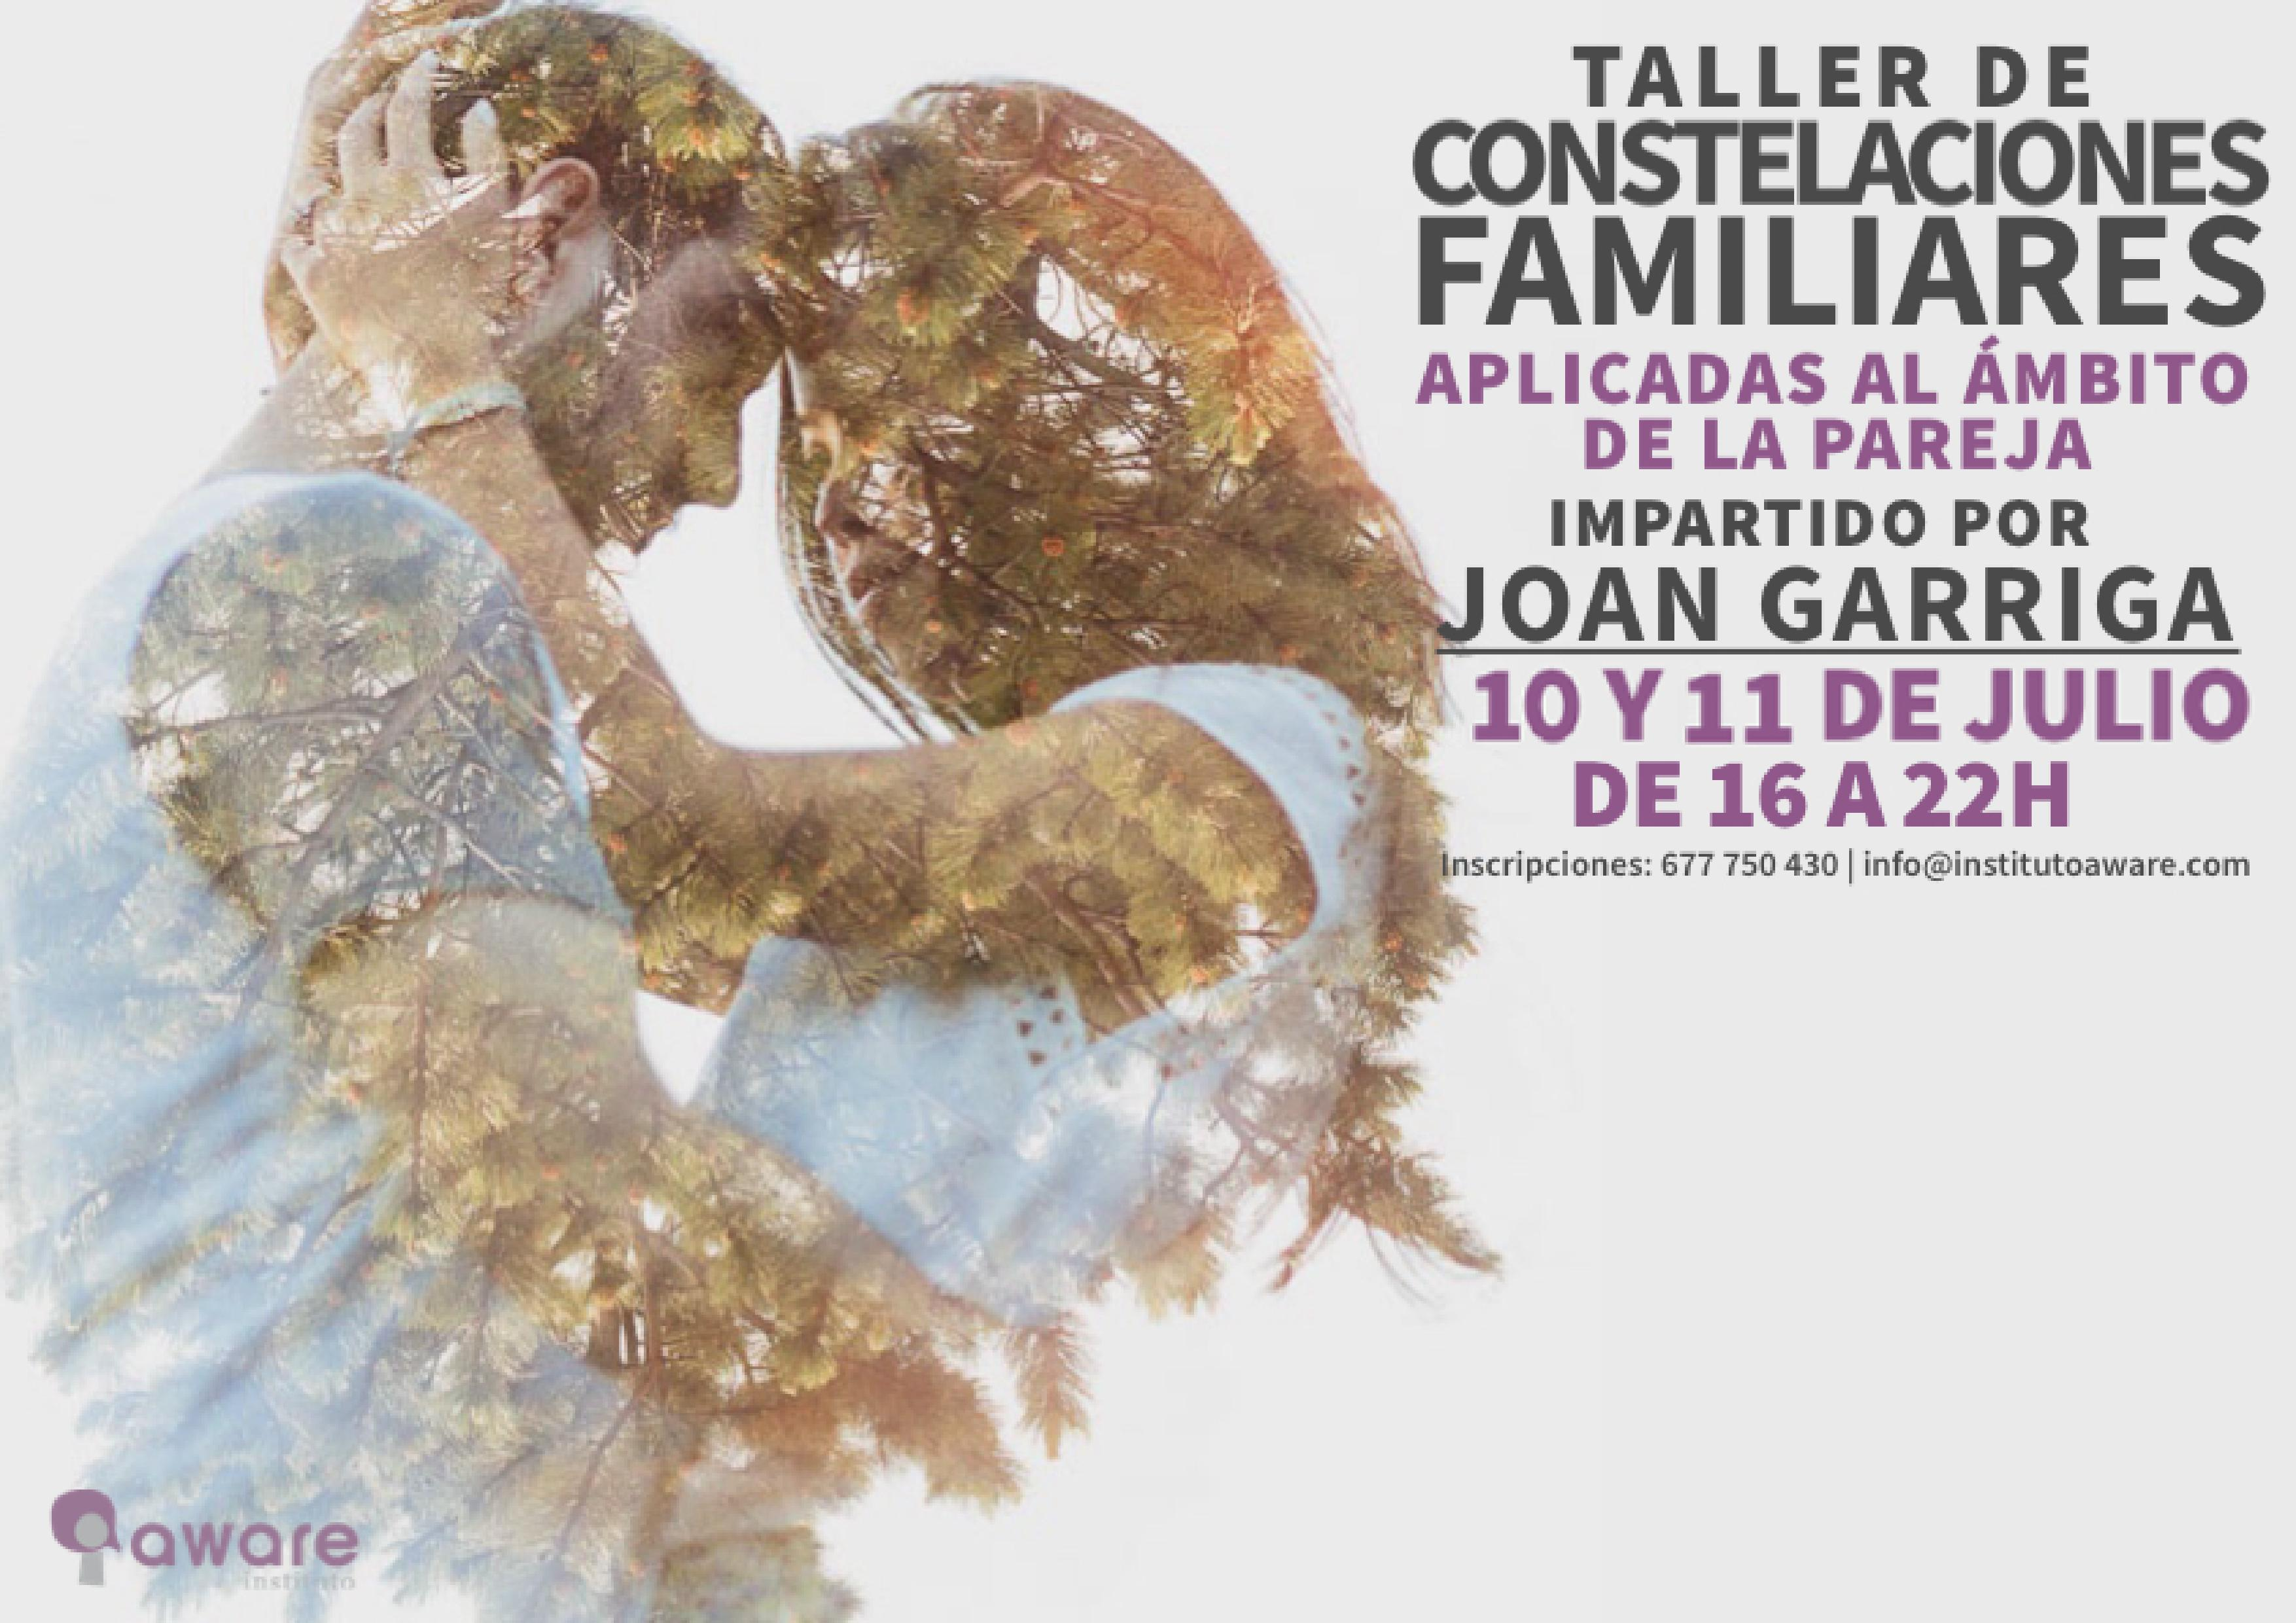 Taller Constelaciones Familiares Joan Garriga